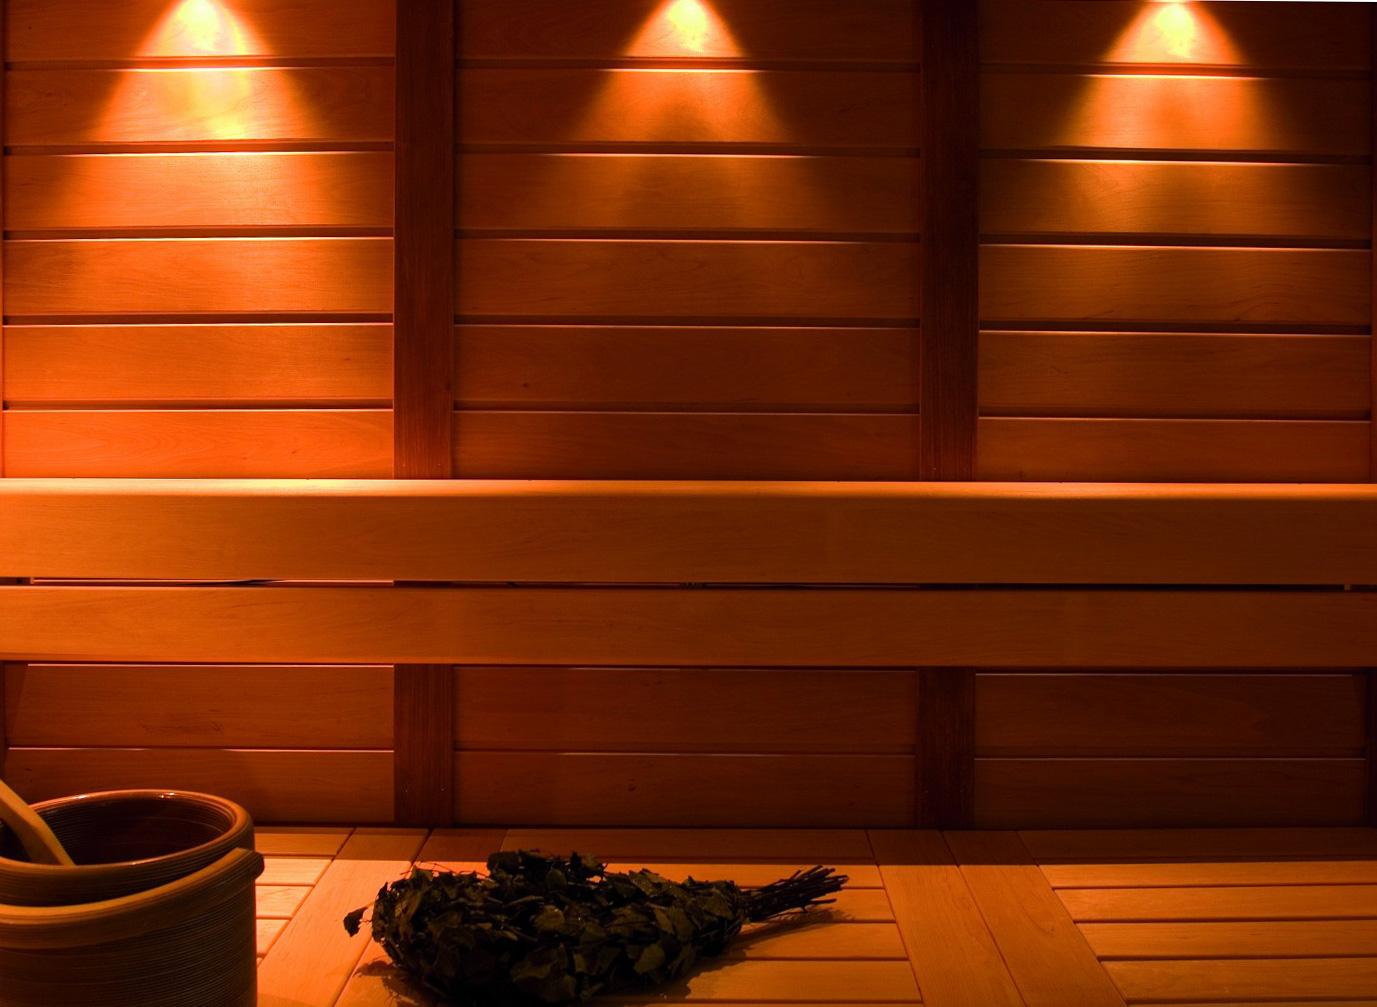 Освещение, свет в бане и парилке своими руками, объяснение на пальцах